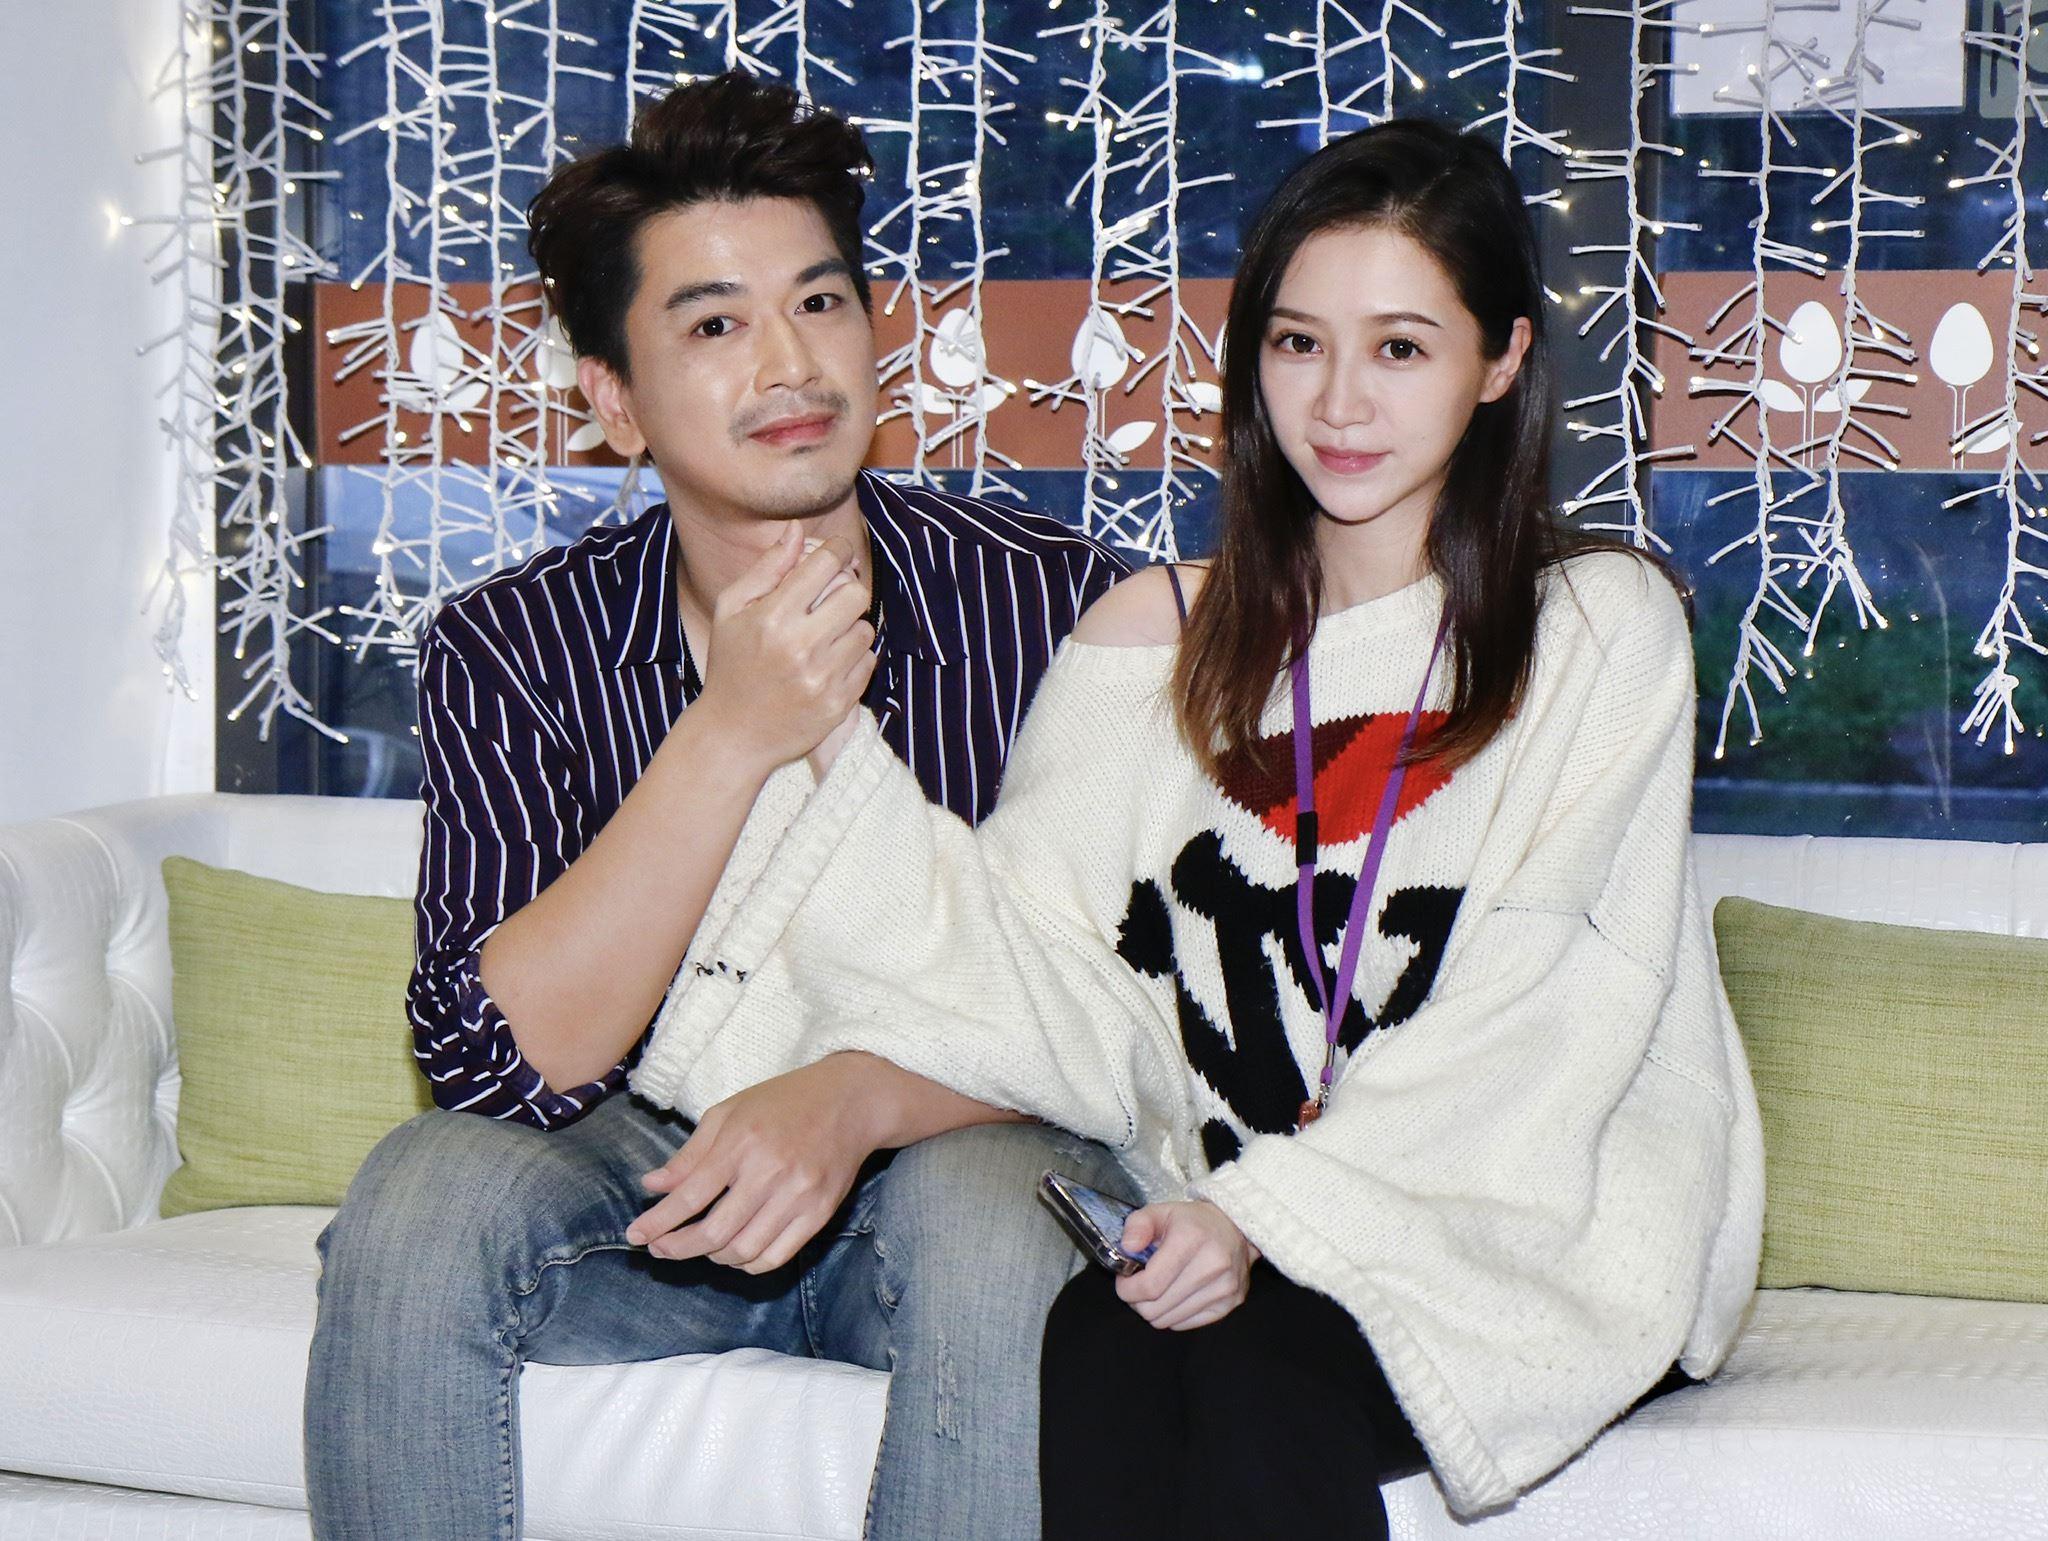 潘逸安與辣妻帶女兒溫馨幸福。(圖/記者林聖凱攝影)